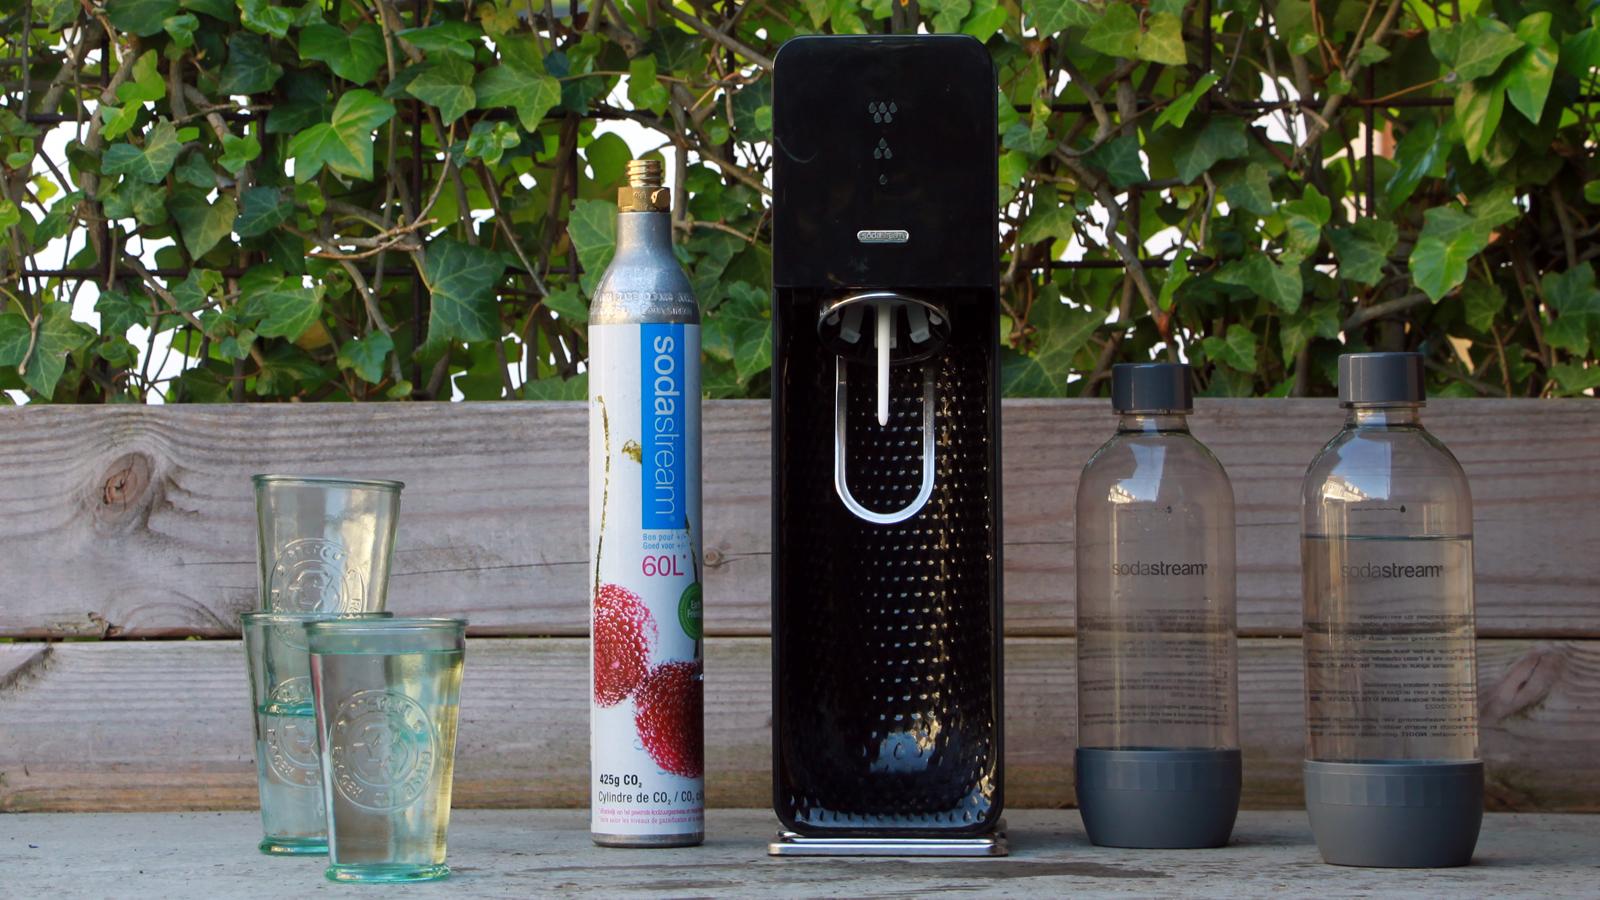 SodaStream, zelf bruisend water maken als alternatief voor flessen bruisend water